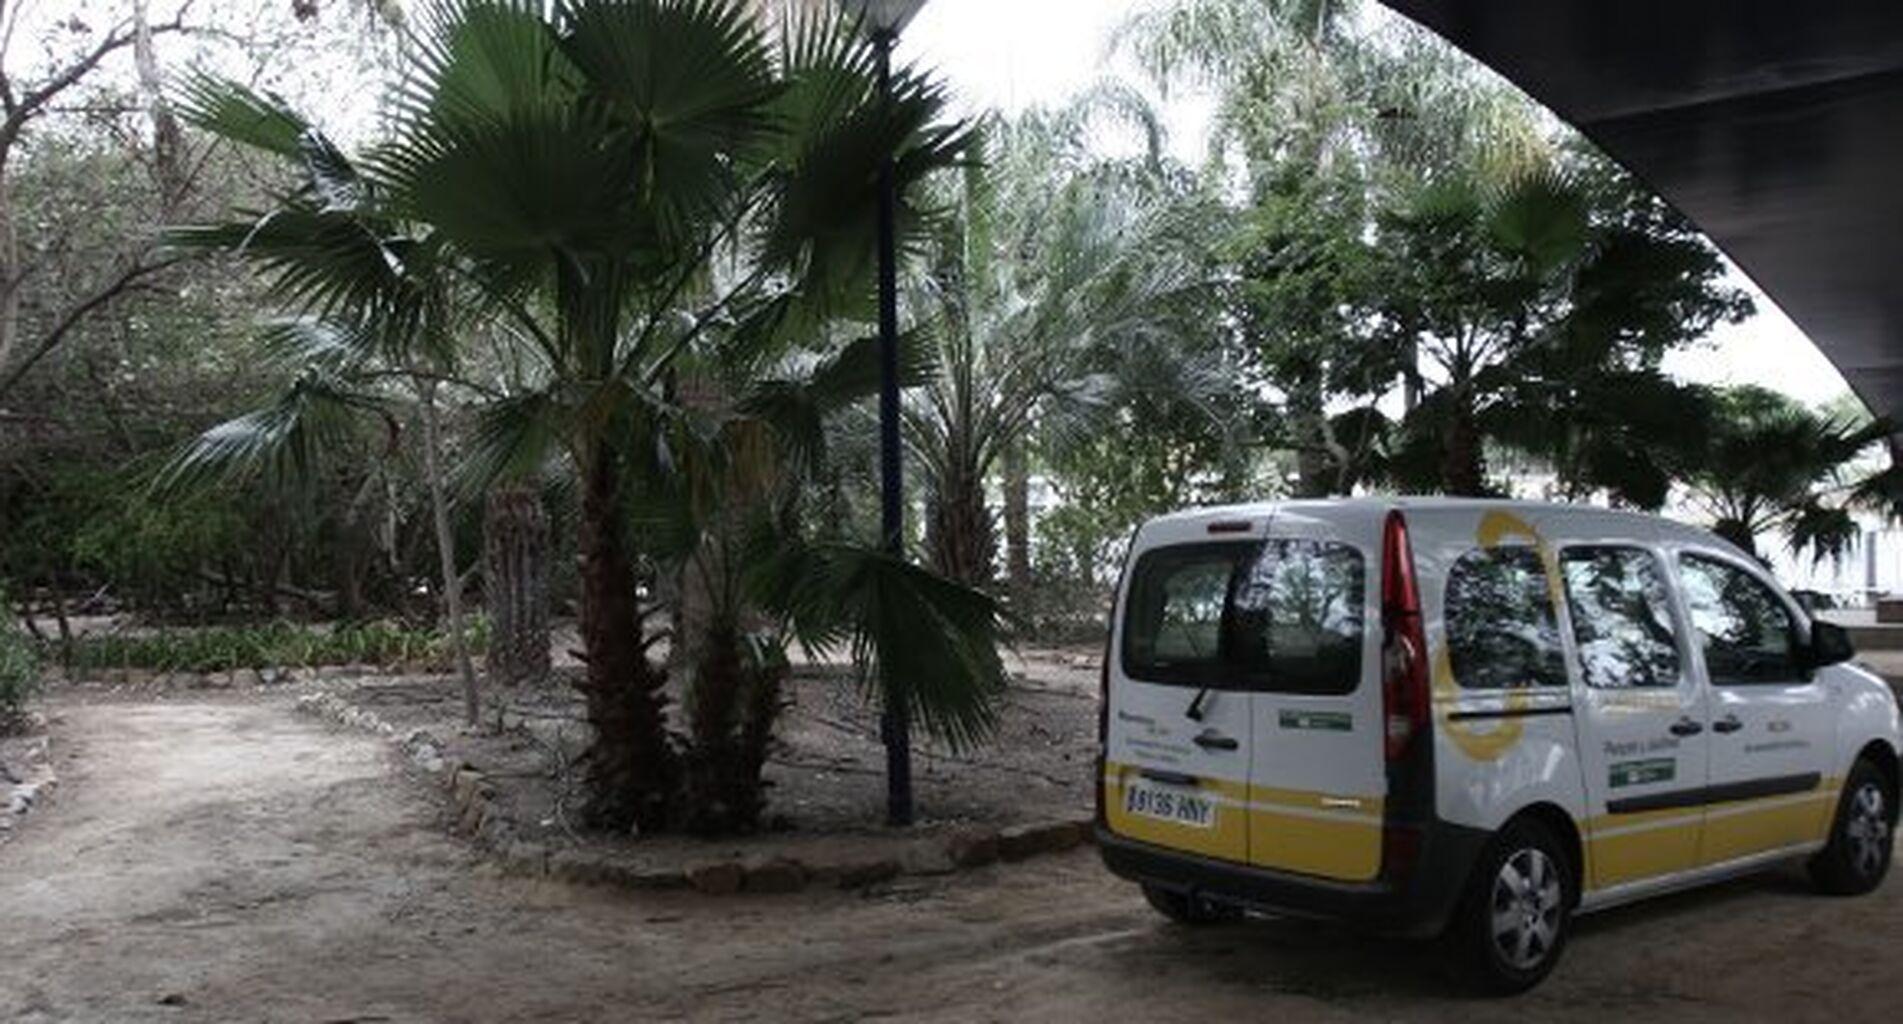 El nuevo contrato de zonas verdes incluye la plantación de 5.800 árboles